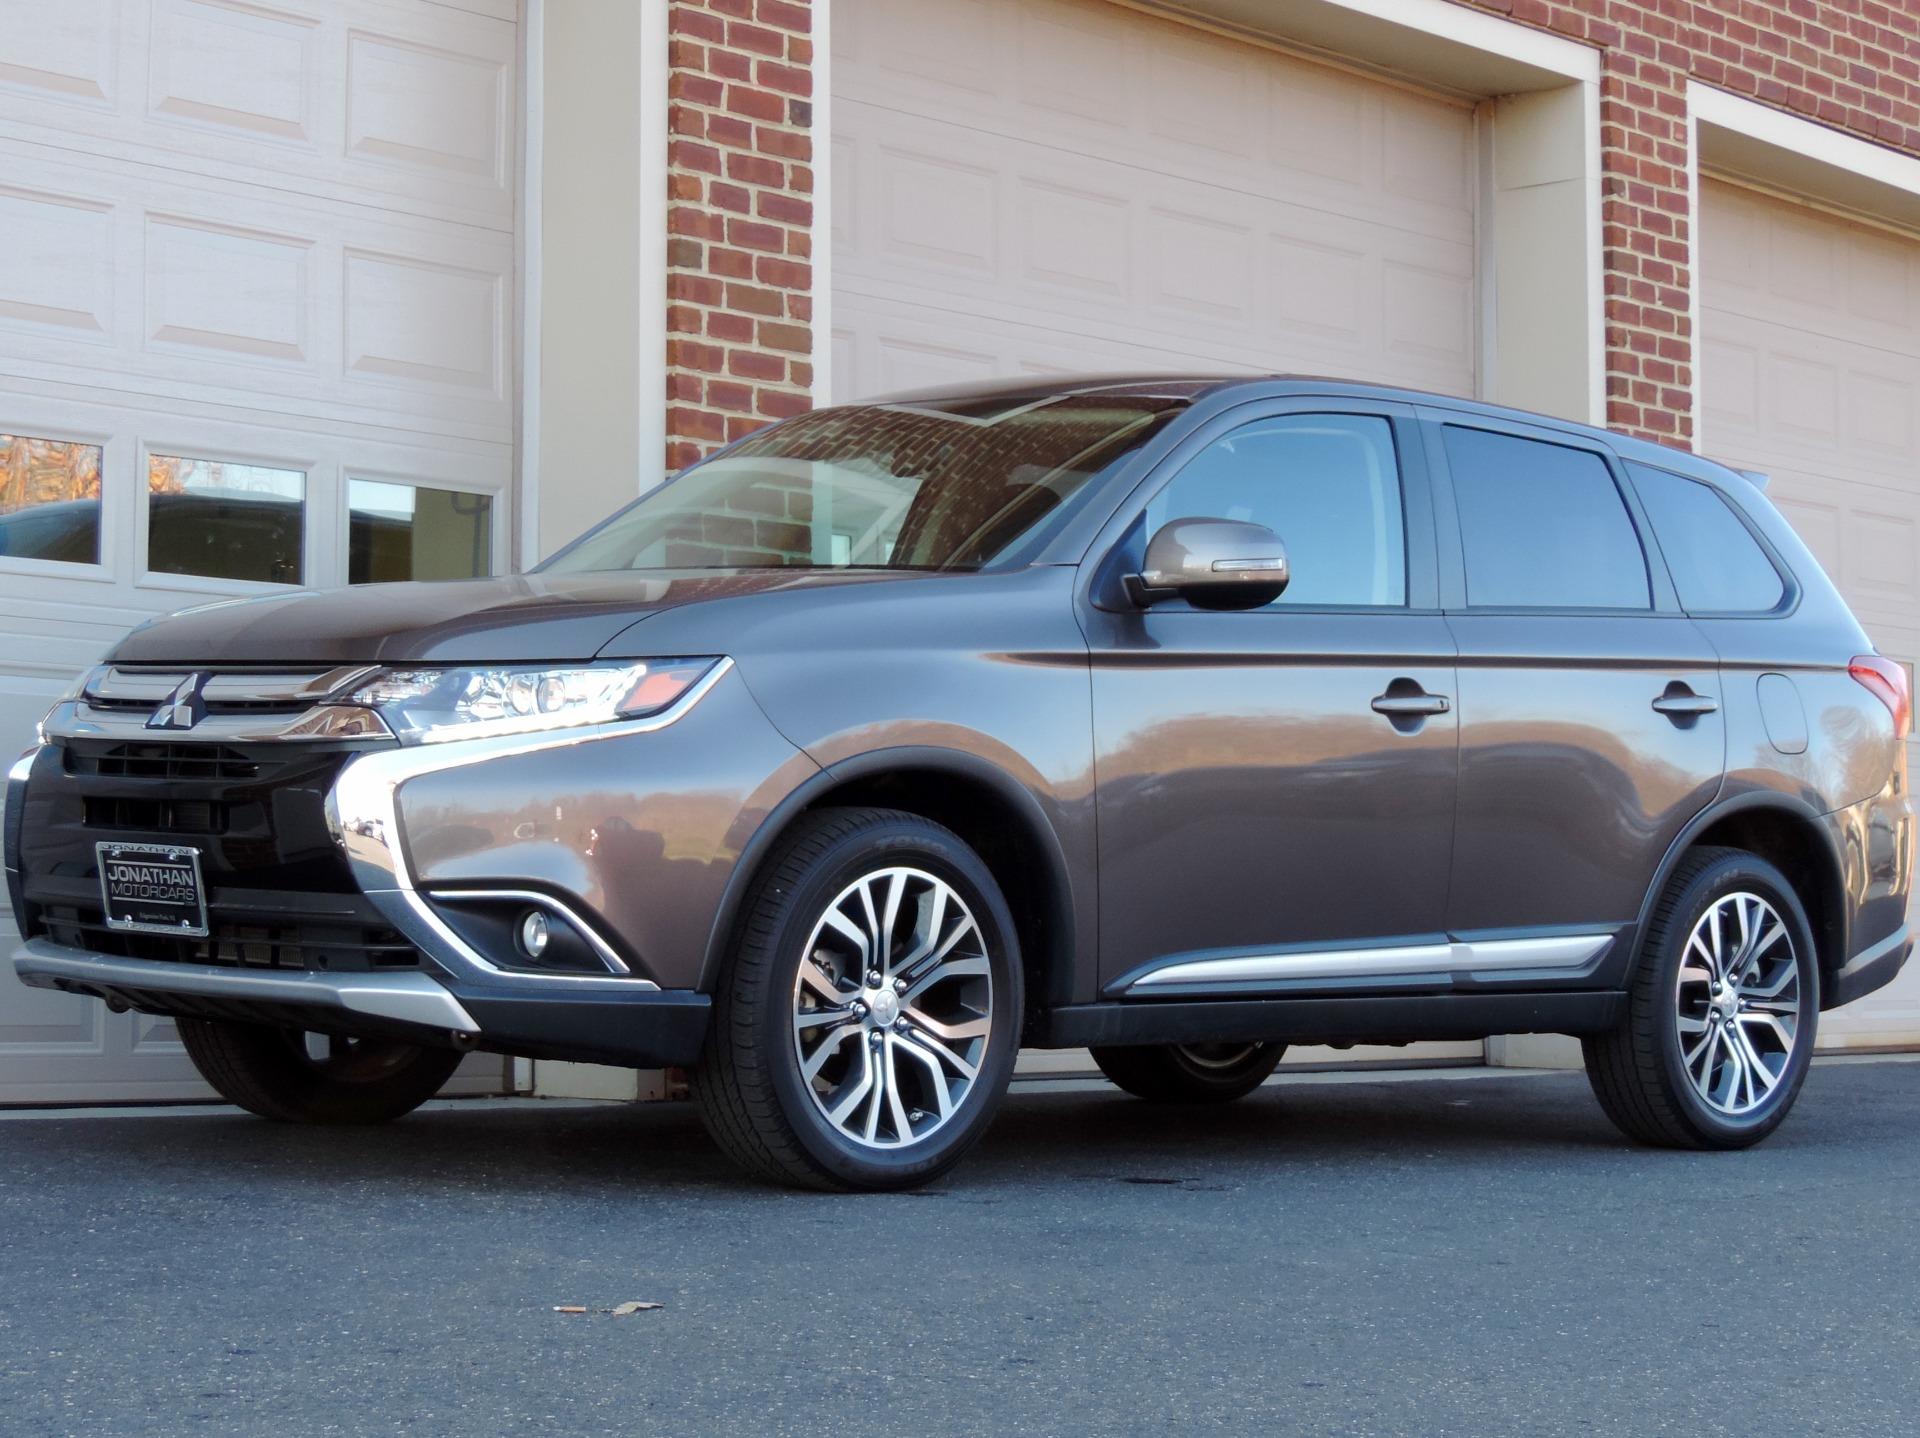 Mitsubishi Car Dealer Nj